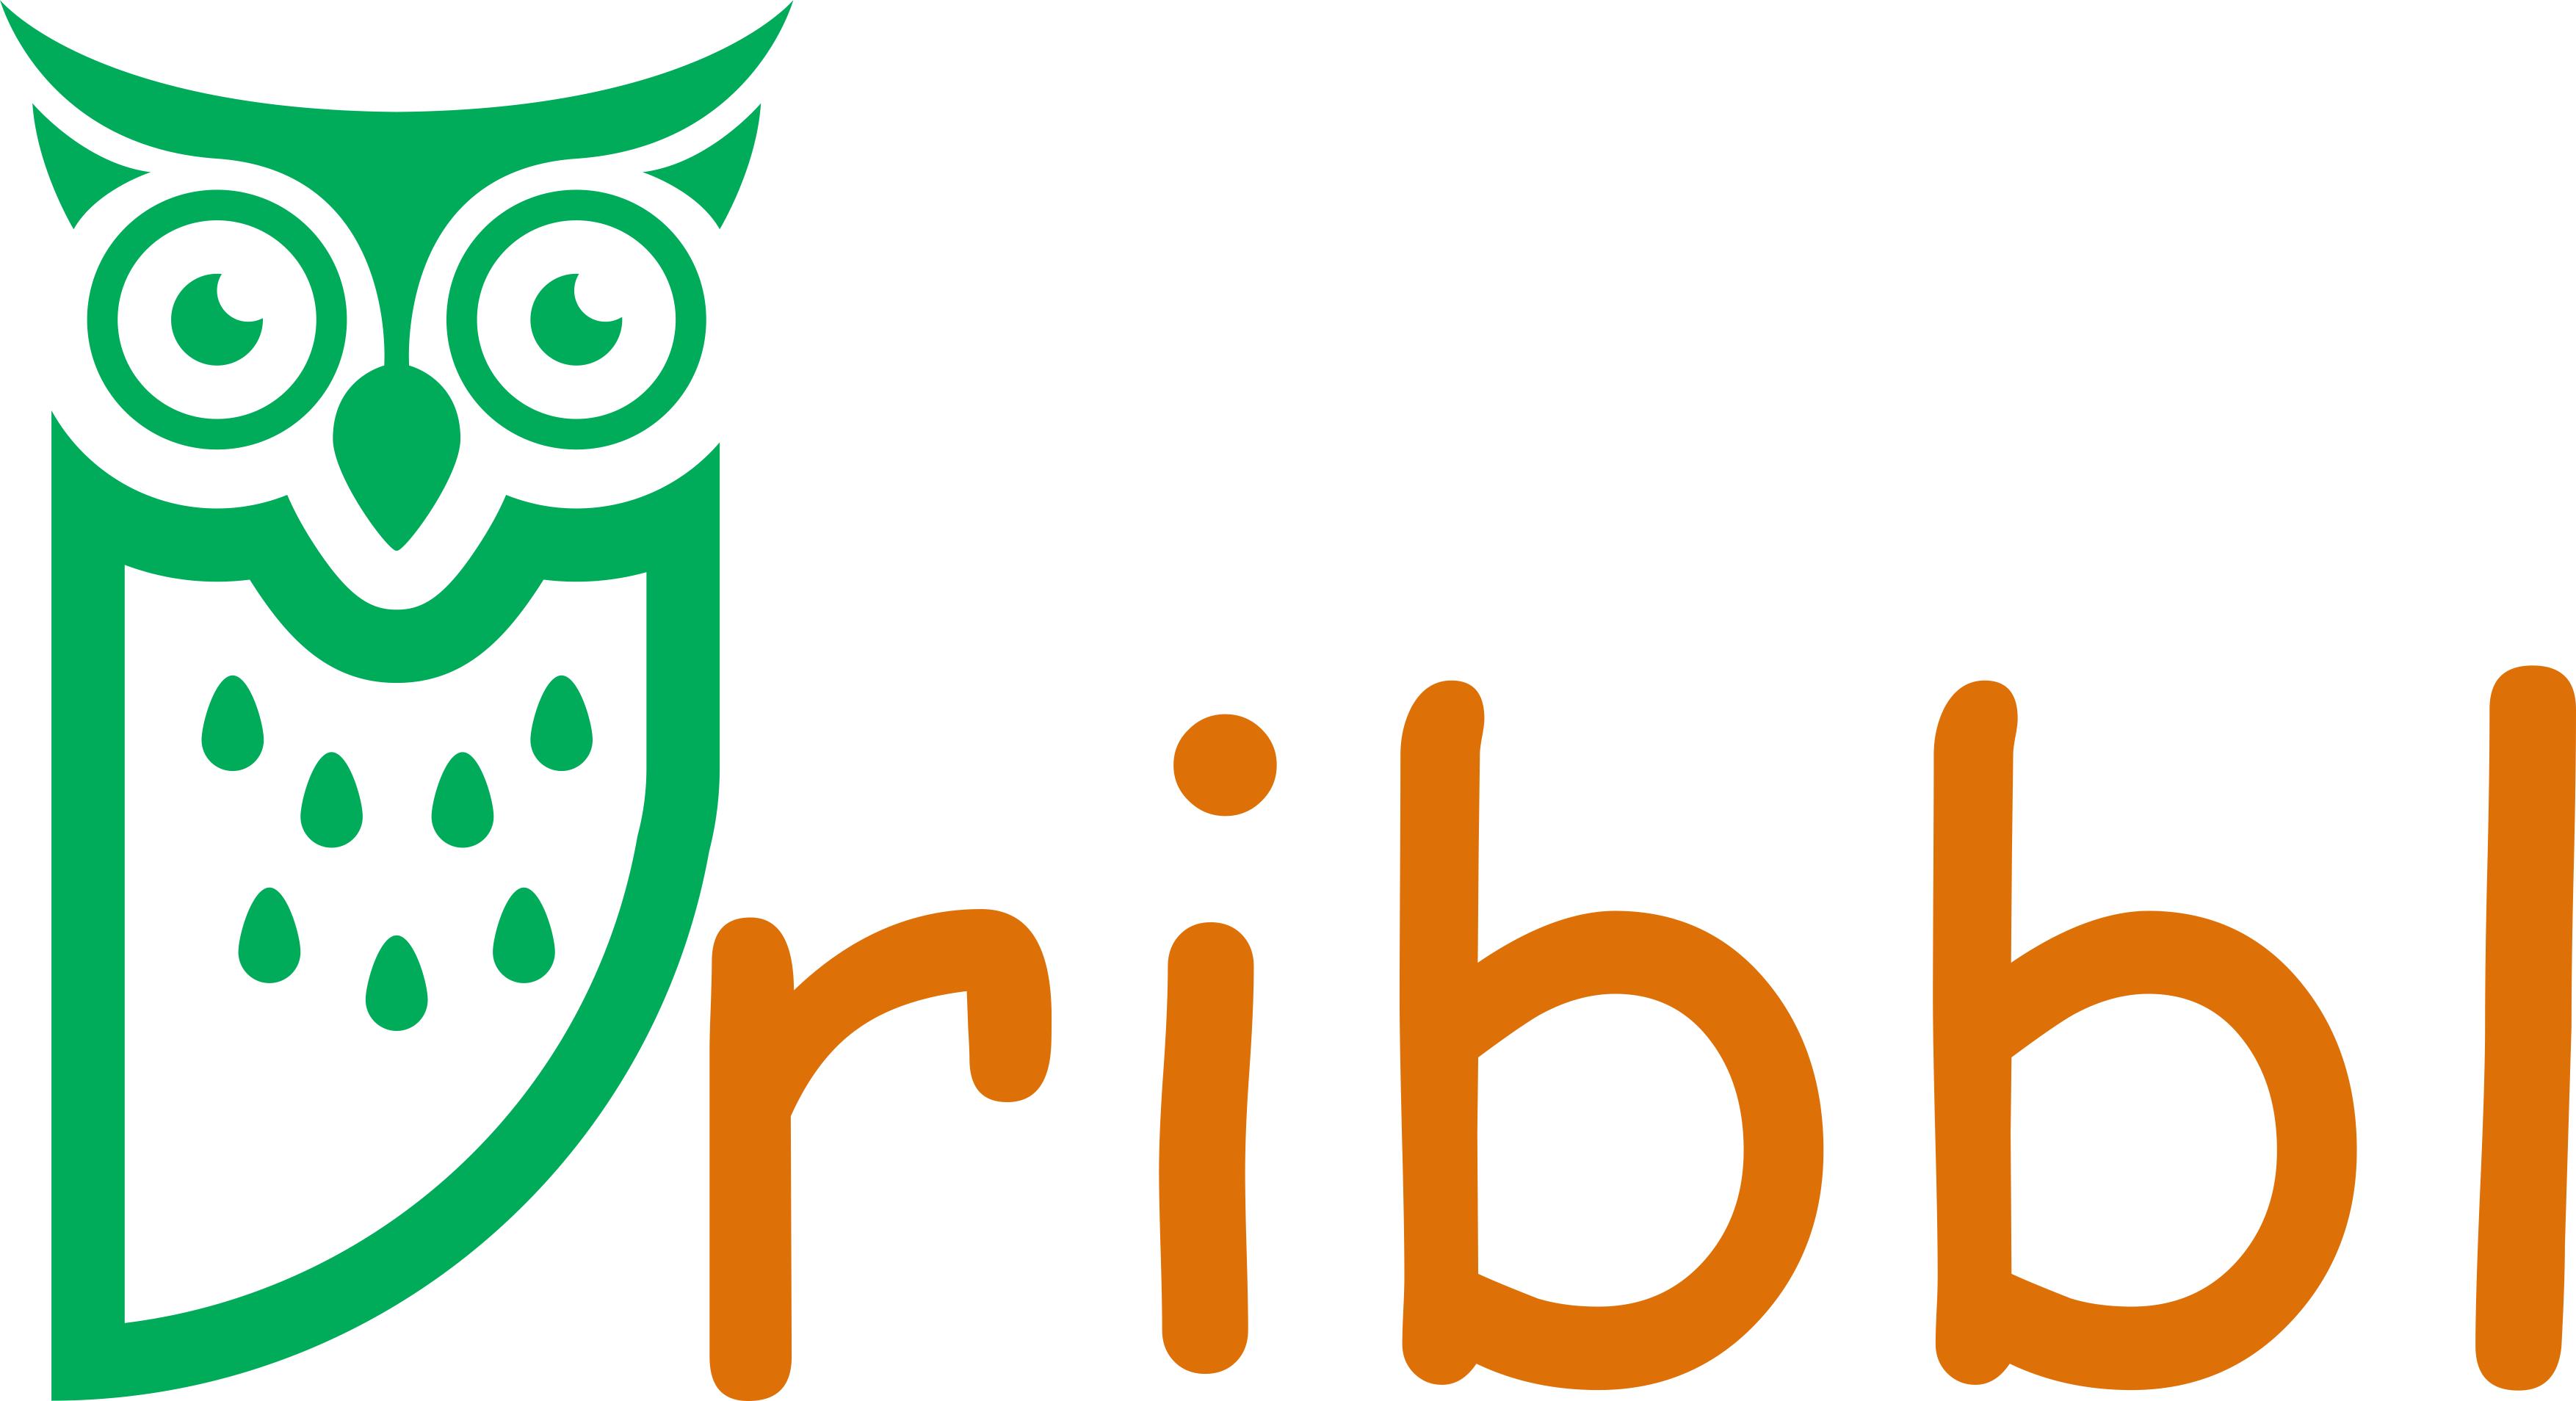 Разработка логотипа для сайта Dribbl.ru фото f_6675a9cd889282e4.png